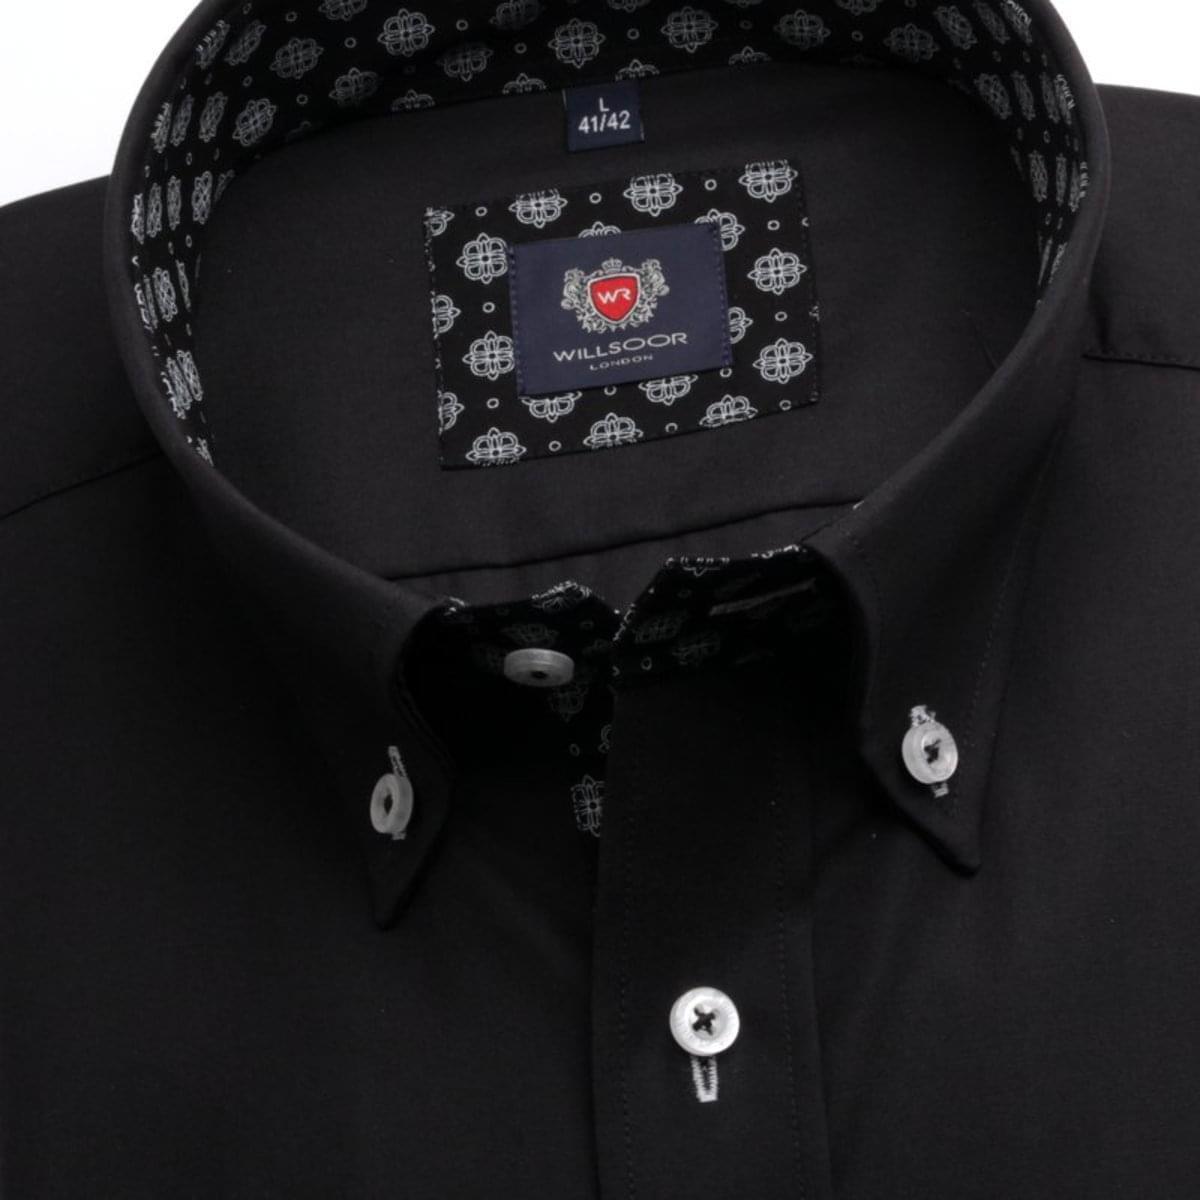 Pánska klasická košeľa London (výška 176-182) 7403 v čierne farbe s úpravou 2W Plus 176-182 / L (41/42)